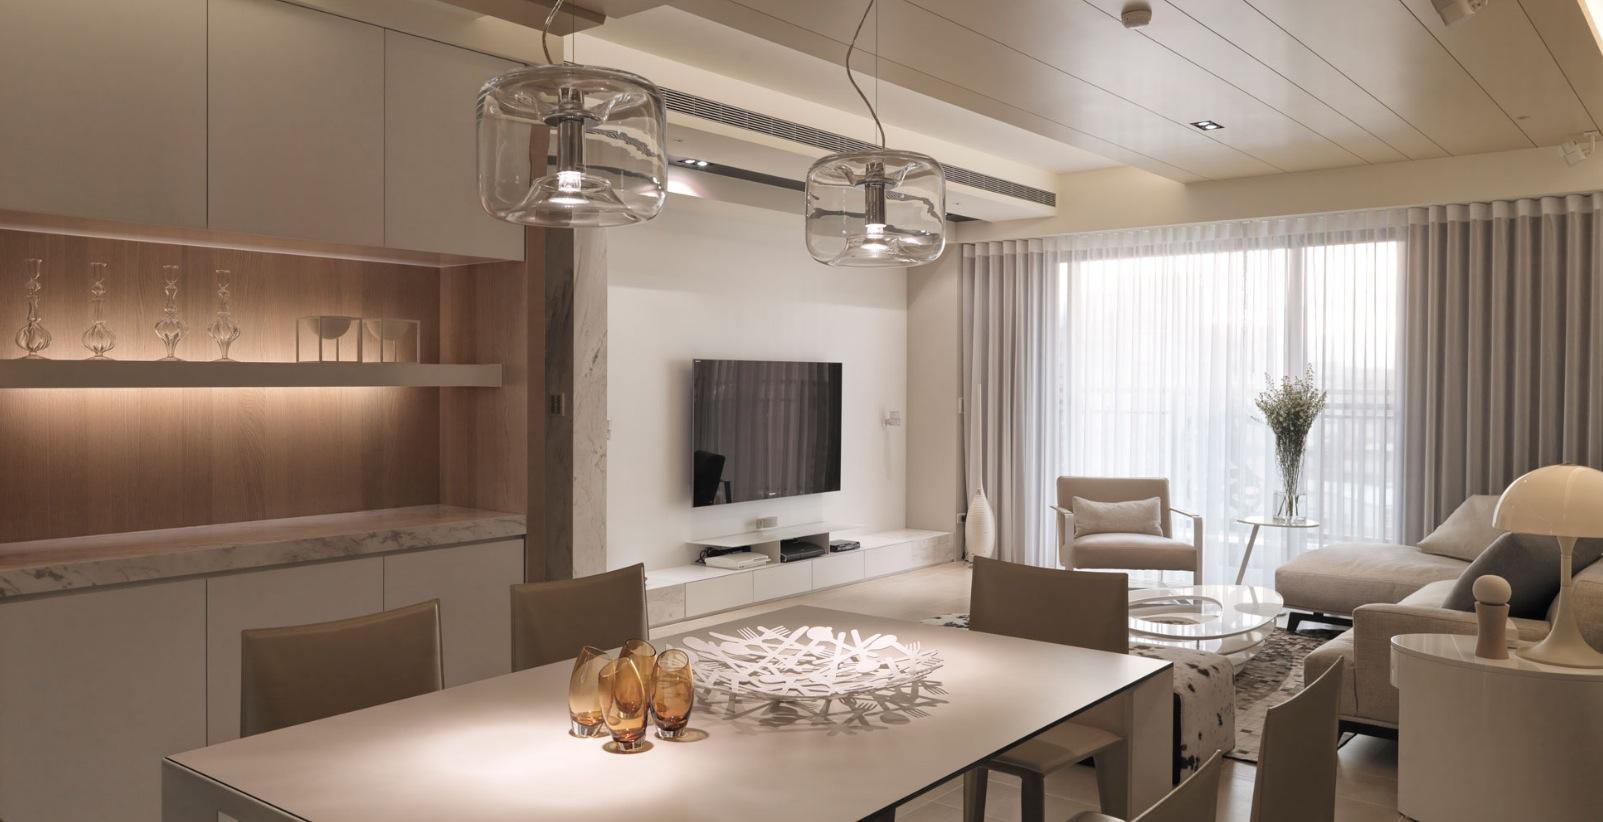 Un piccolo spazio un grande progetto e un risultato - Arredi case moderne ...